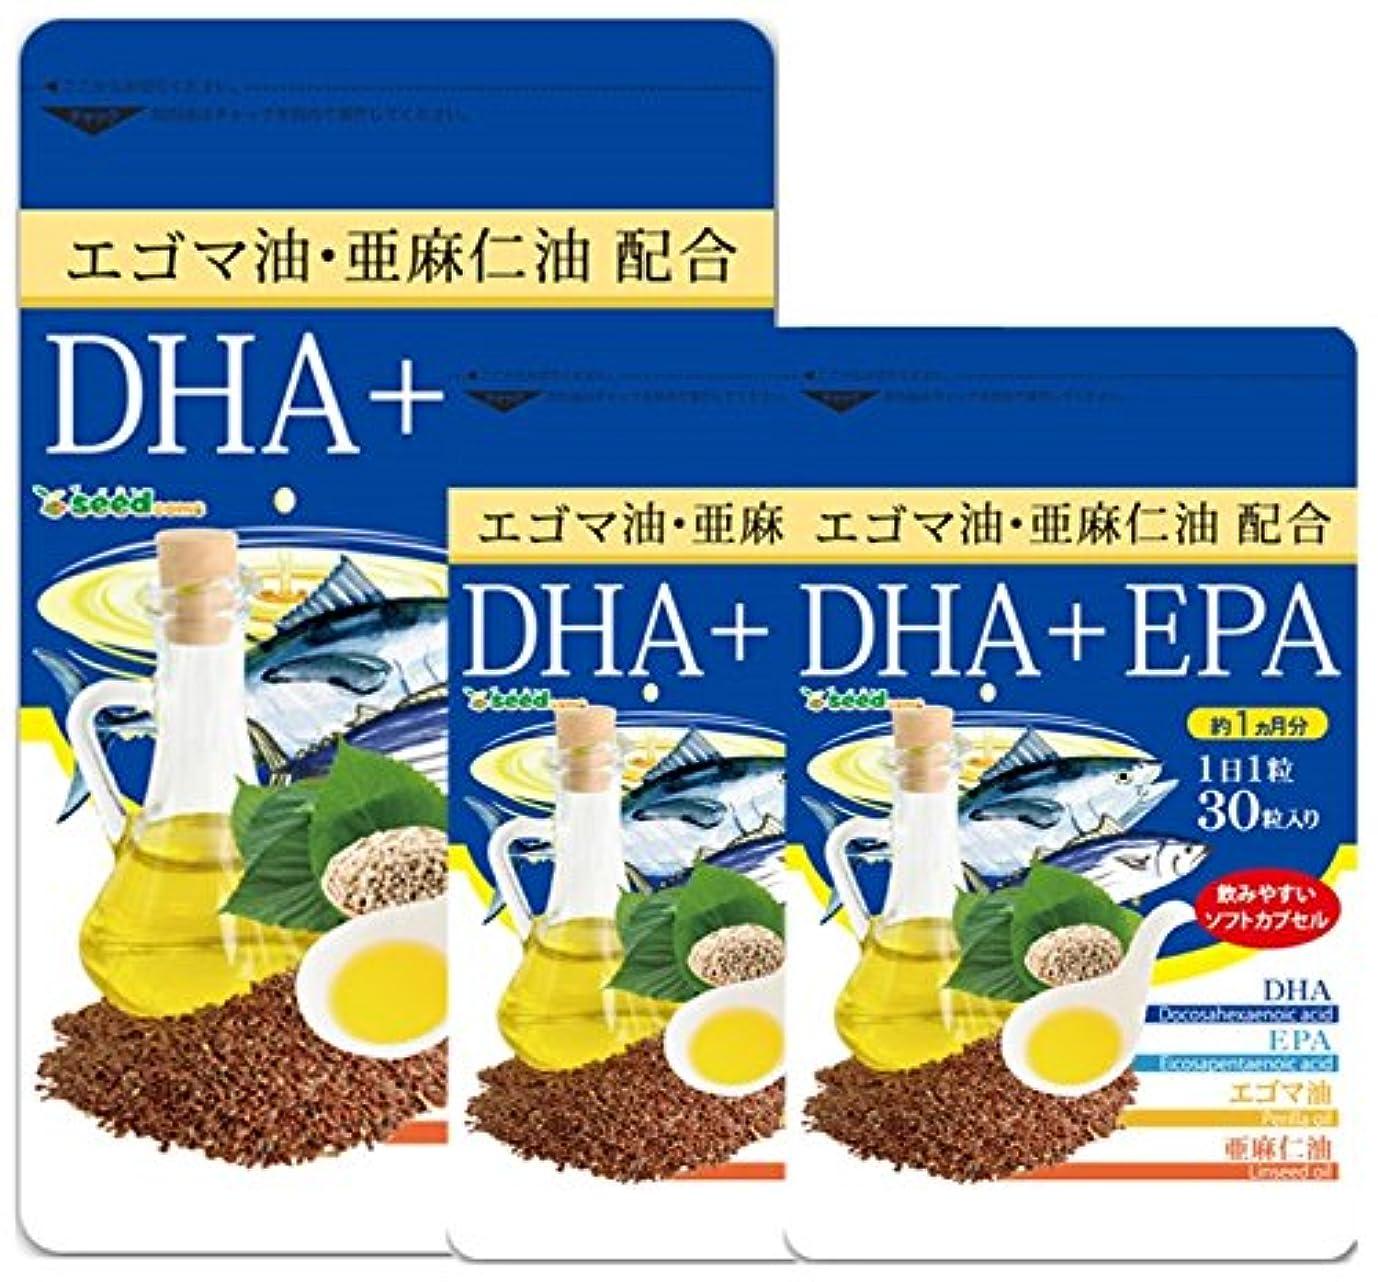 頂点大胆不敵レパートリーシードコムス seedcoms 亜麻仁油 エゴマ油配合 DHA+EPA 約5ヶ月分 150粒